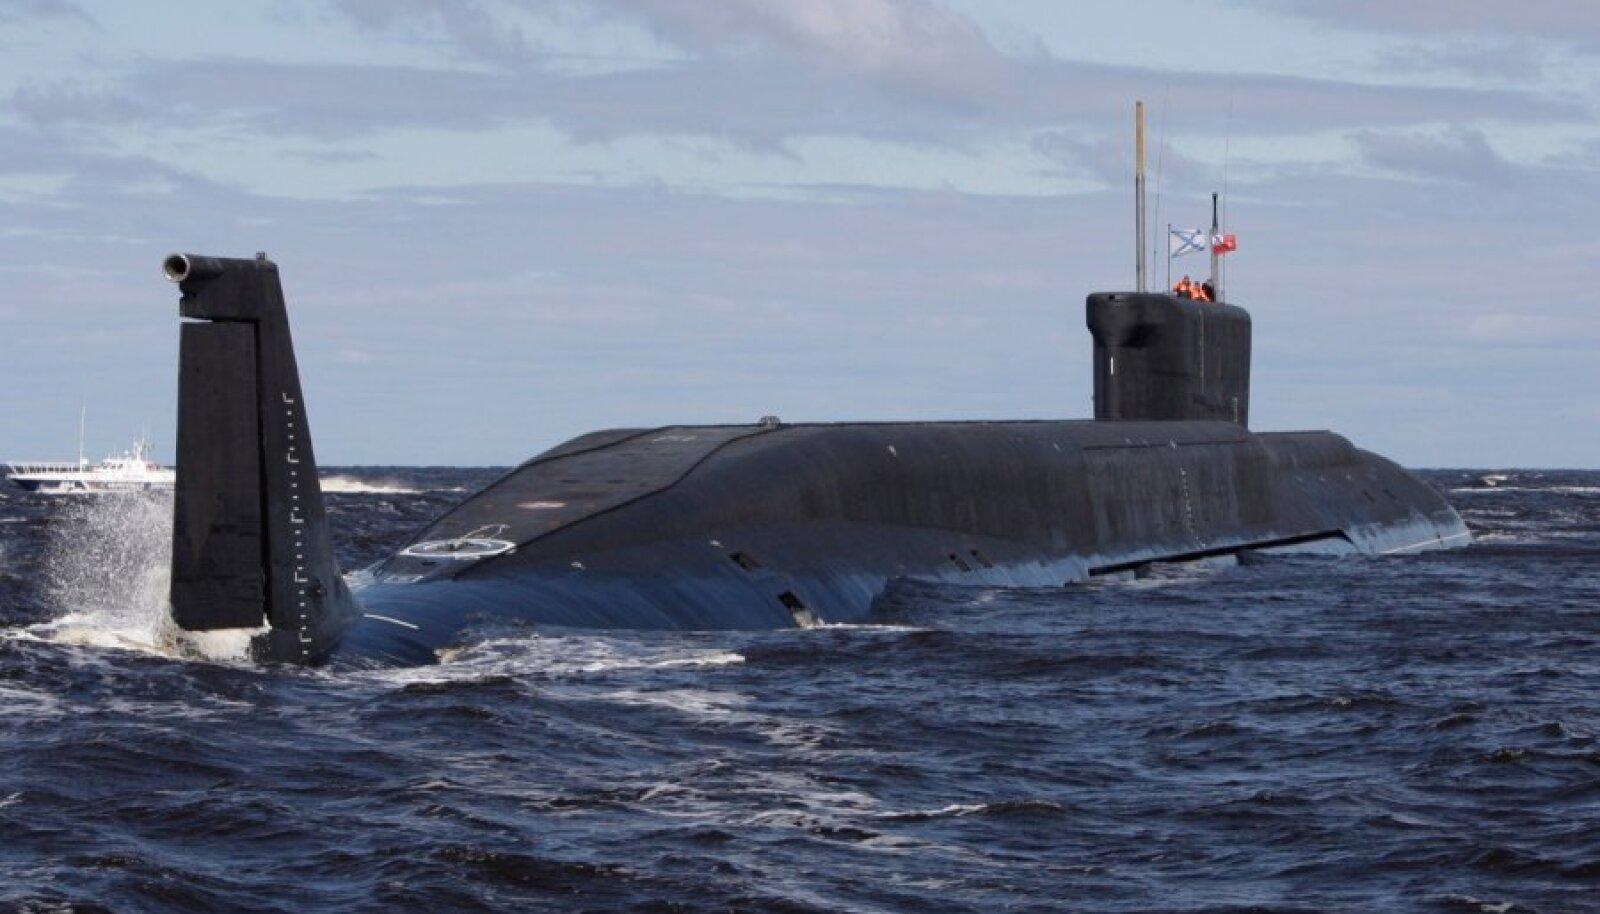 Venemaa ehitab uue põlvkonna tohutuid ballistiliste rakettidega relvastatud allveelaevu. Esimene selline on 2013. aastast teenistuses olev laev, mis kannab Juri Dolgoruki nime.